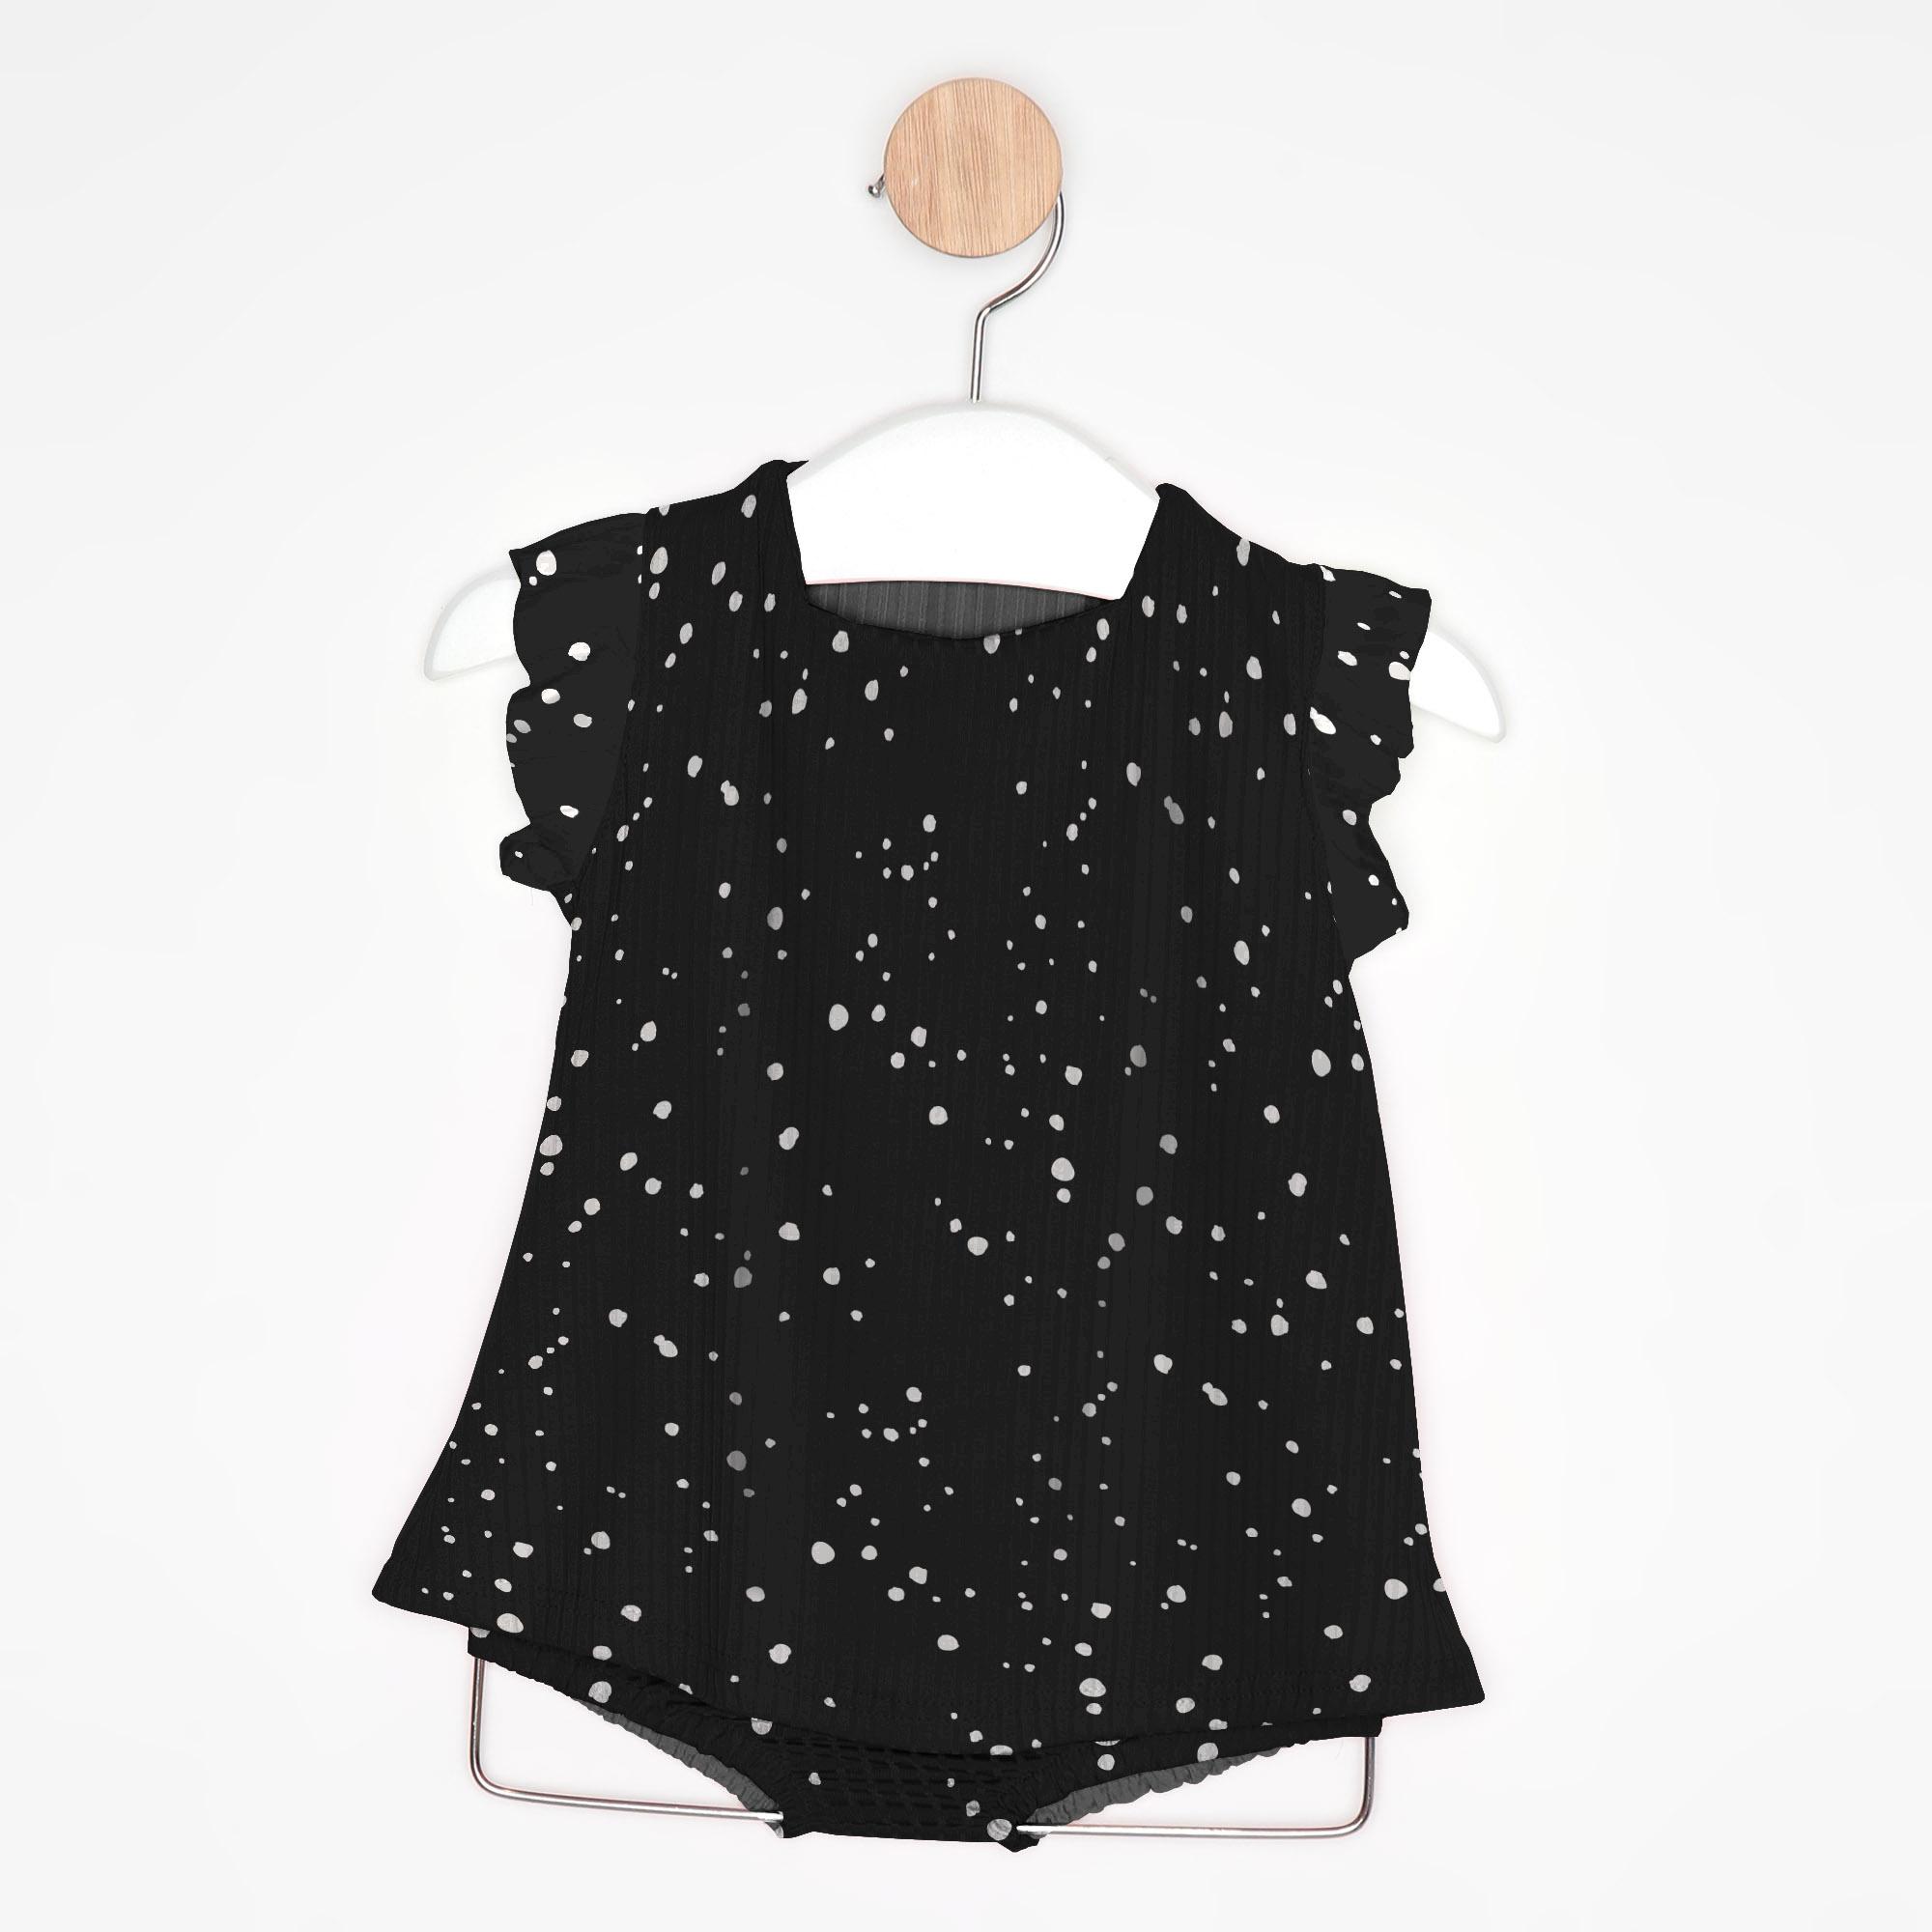 Vestido Bebê Chuvisco Preto + Tapa Fralda